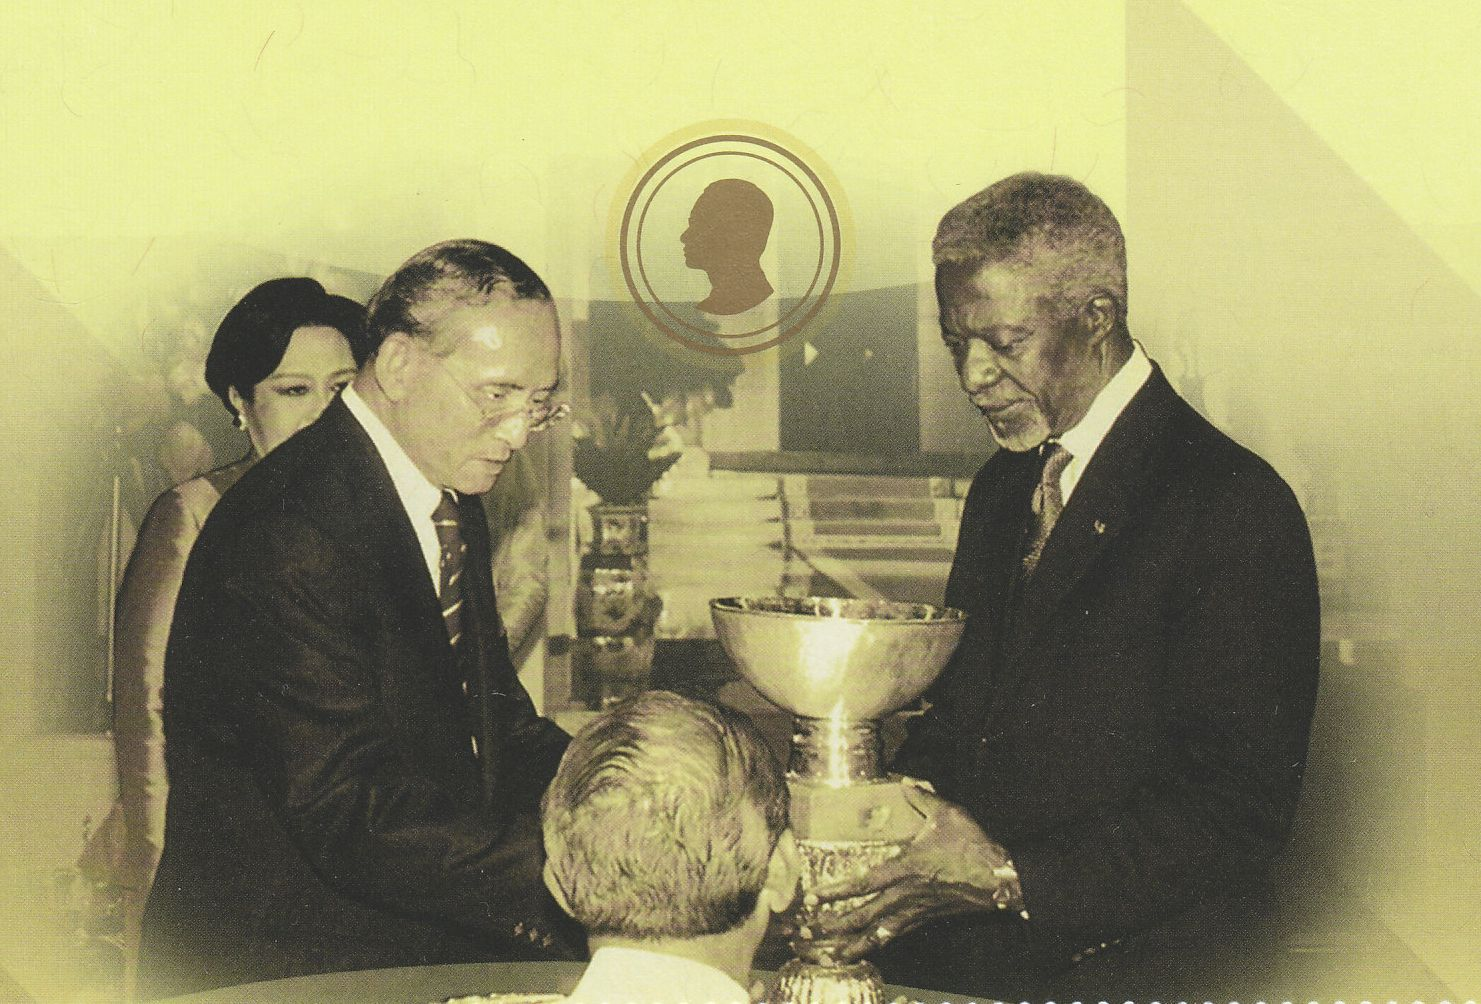 Le roi de Thaïlande et Kofi Annan, site web http://rainbowstampsandcoins.blogspot.com